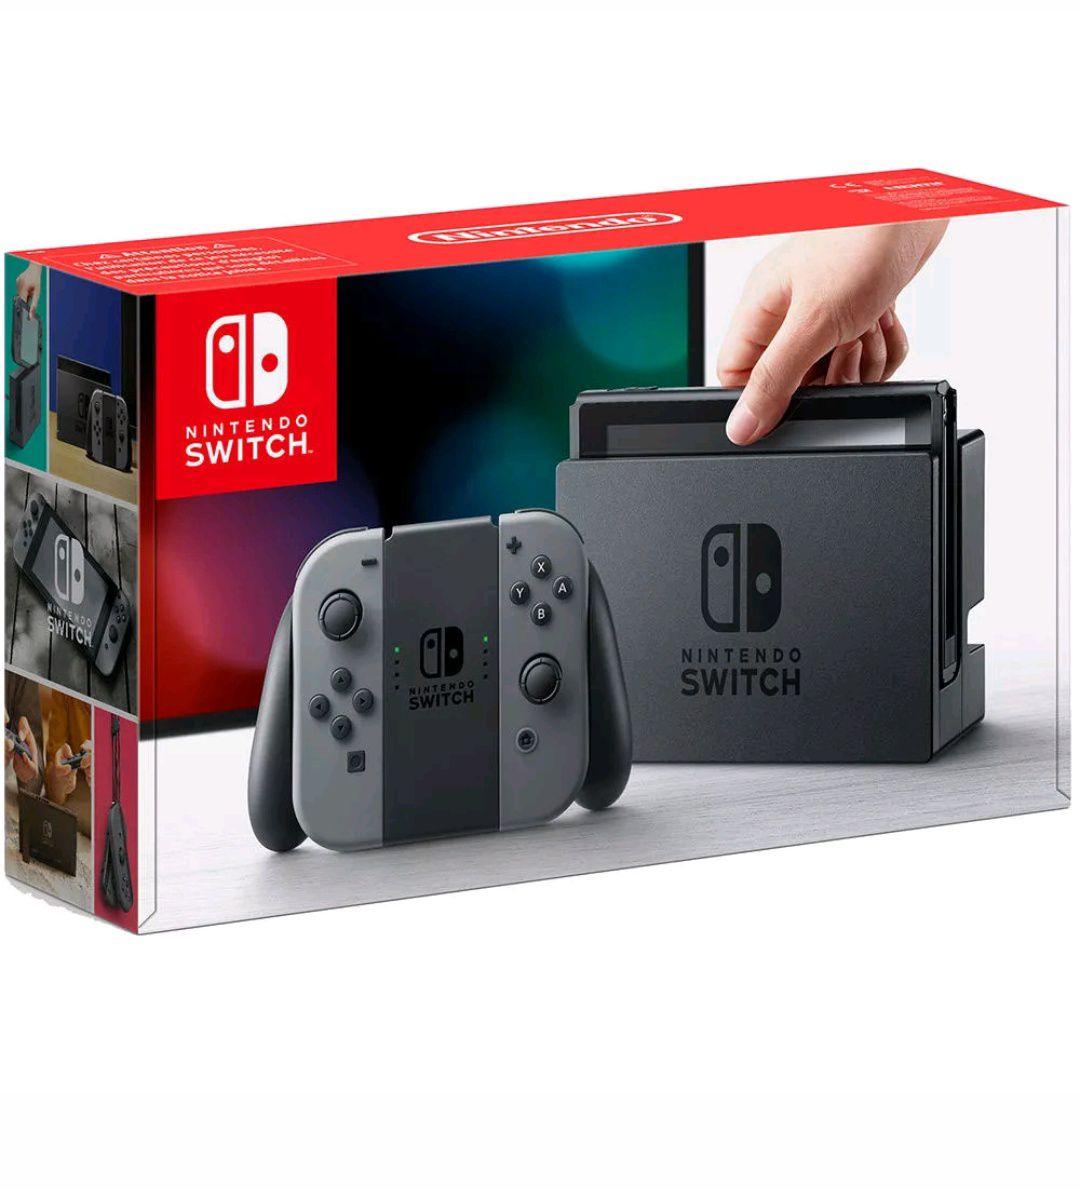 Brand New Nintendo switch with 12 month warranty £250 plus £3 postage @ Tesco Ebay